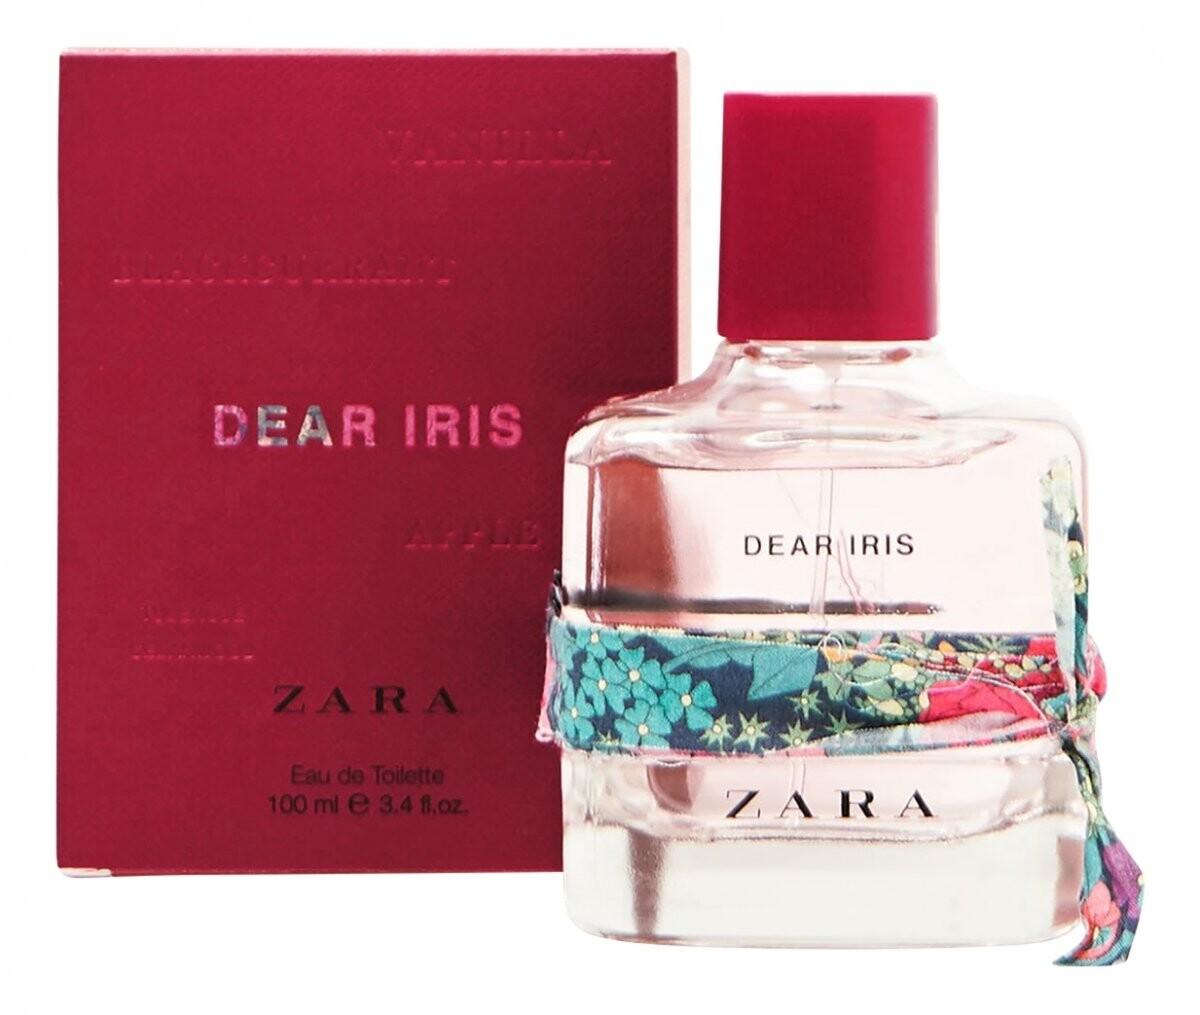 Zara Dear Iris